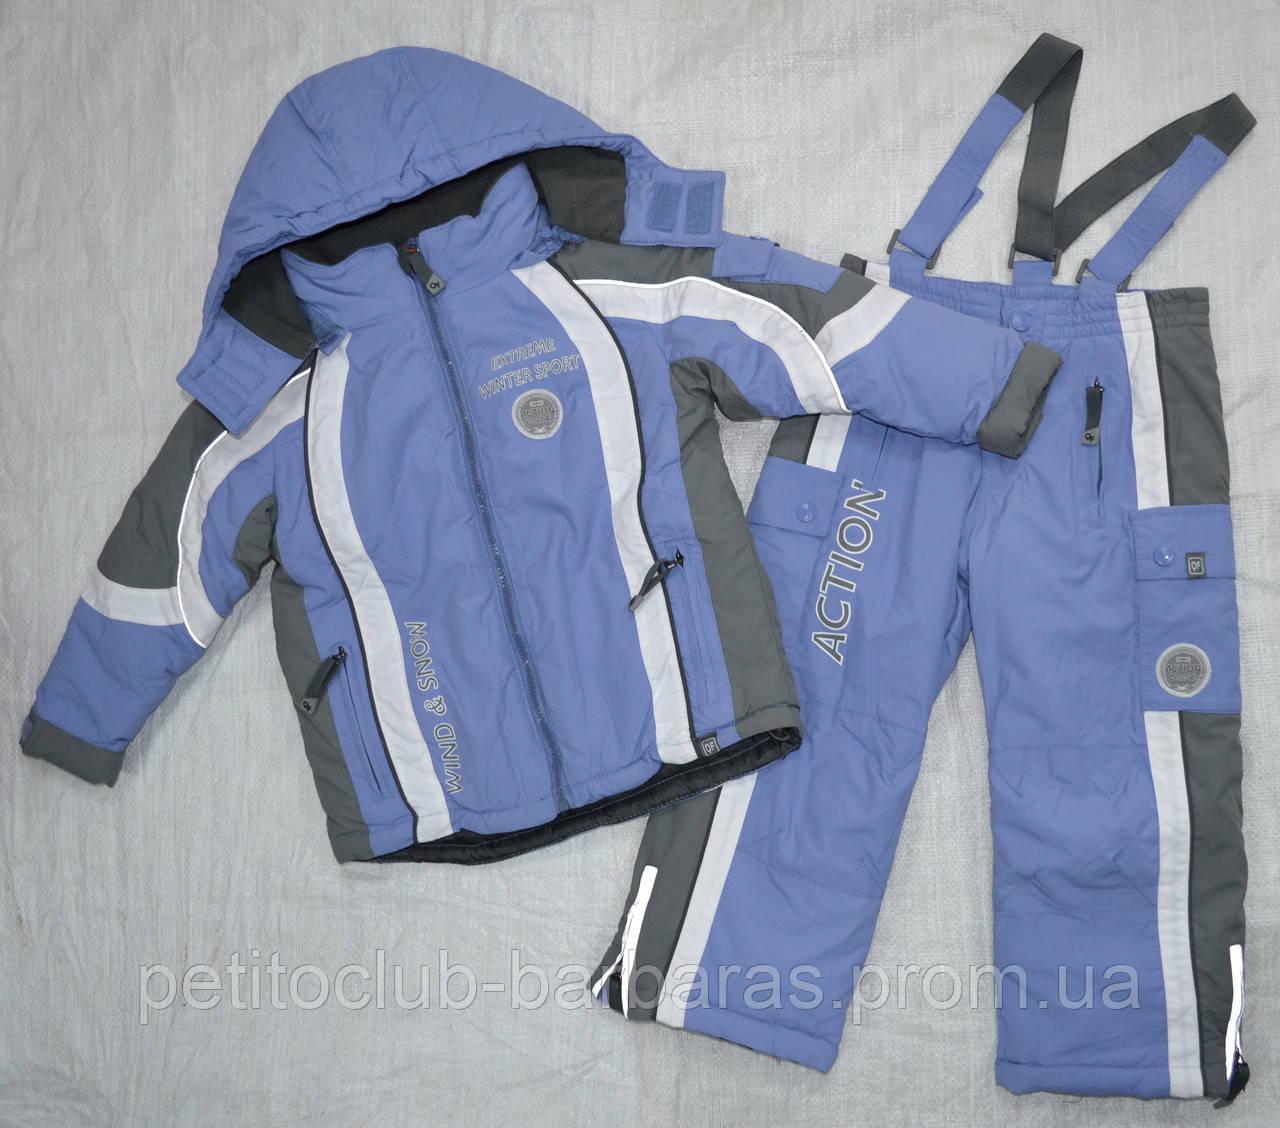 Зимовий комплект: куртка і штани фіолетовий (QuadriFoglio, Польща)